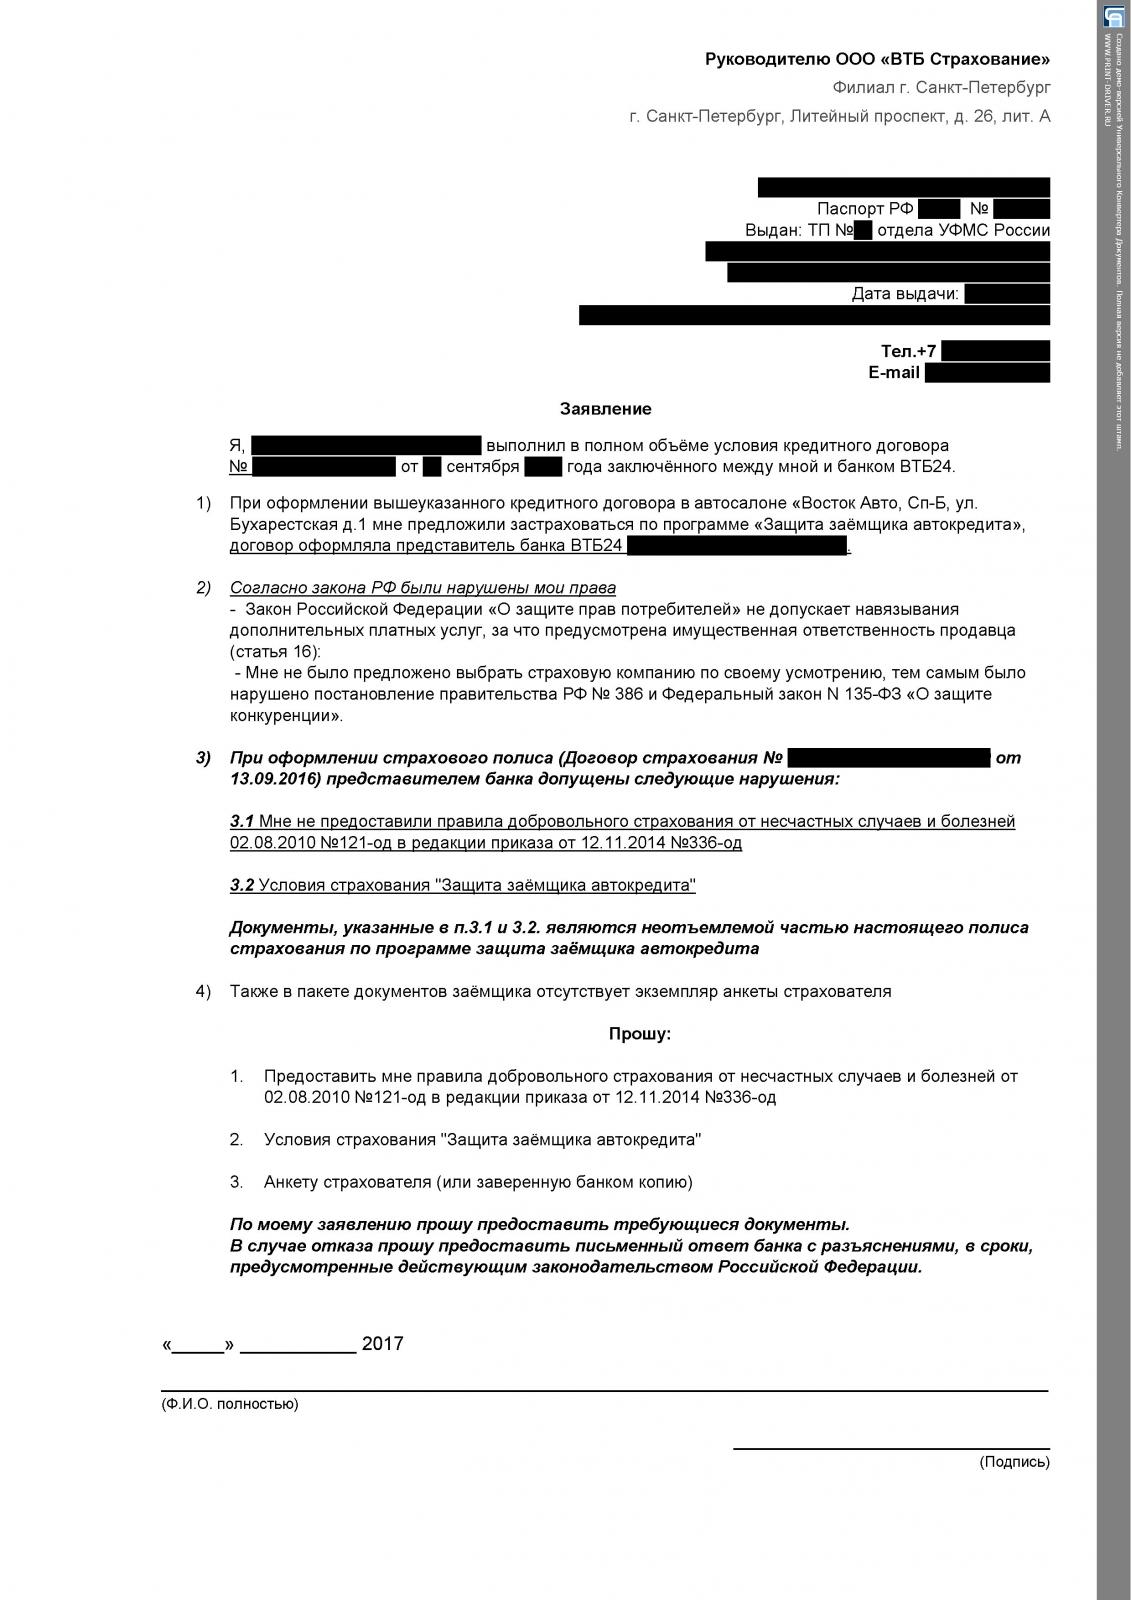 защита заемщика автокредита втб 24 условия страхования